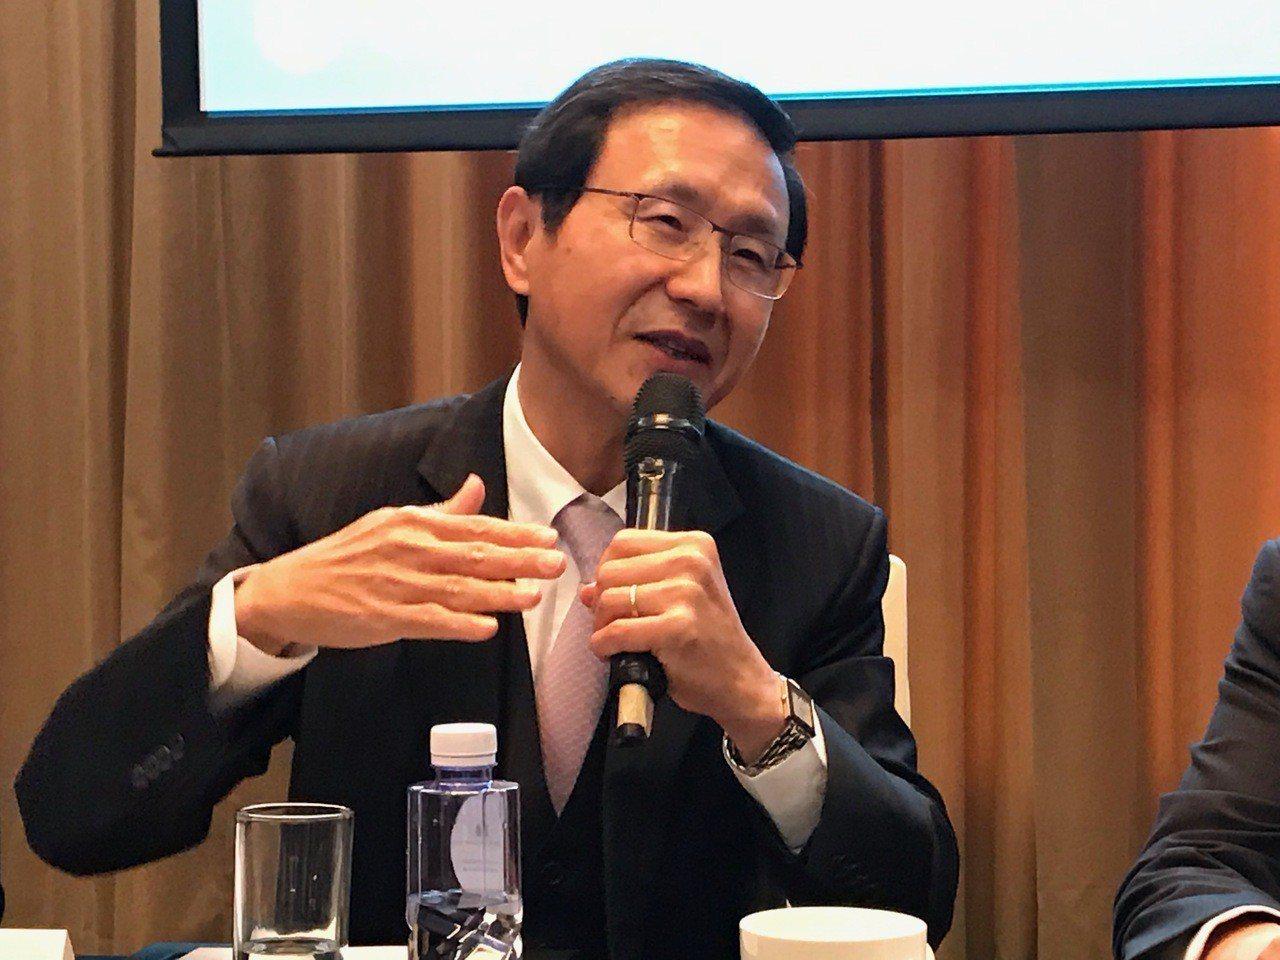 中國信託銀行總經理陳佳文今(20)日上午在深圳接受媒體聯訪。 記者陳怡慈/攝影